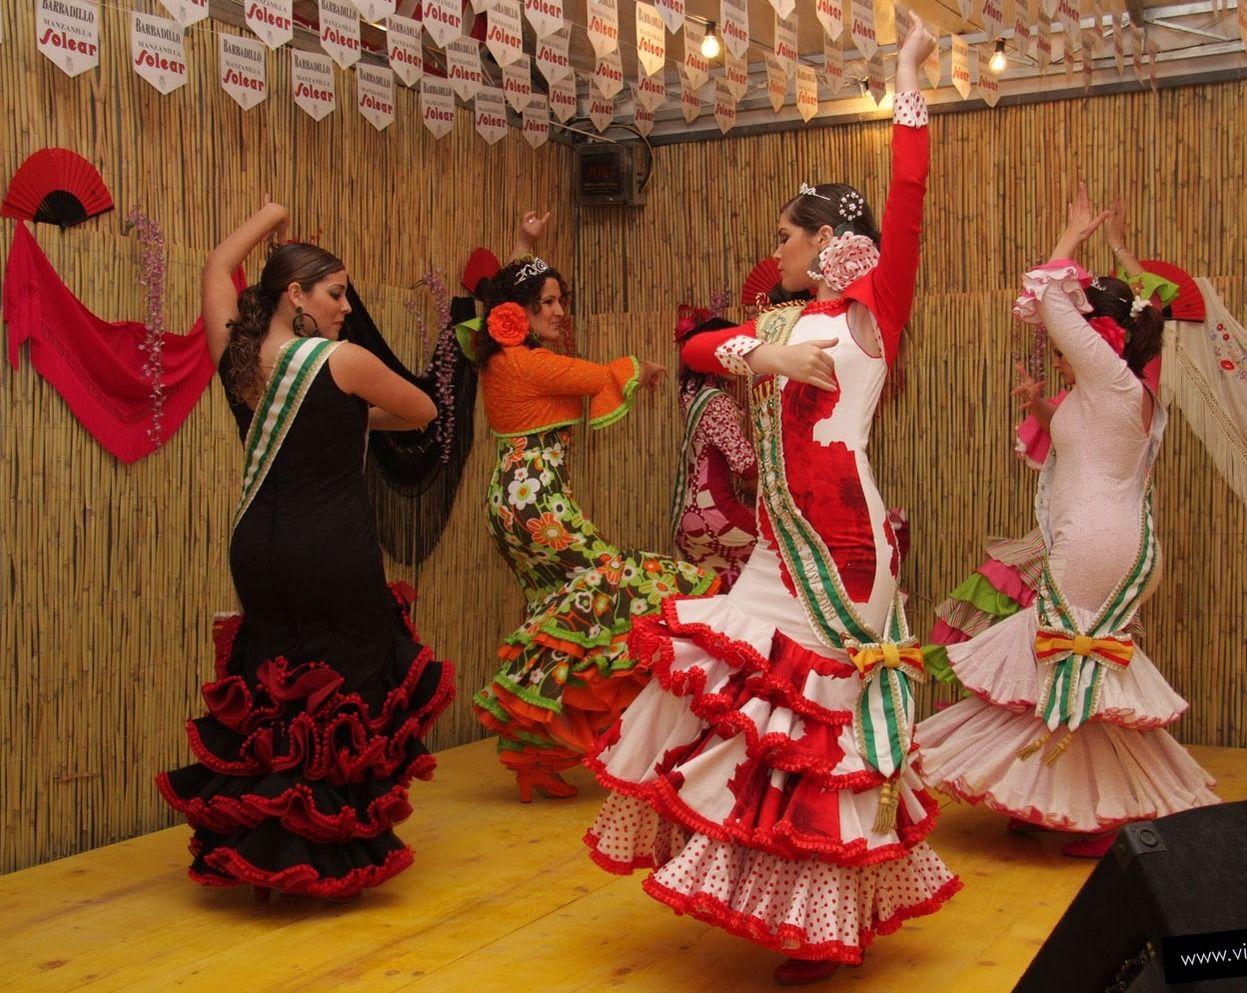 Feria de Sevilla ~ Festival in Seville Spain with Flamenco dancers